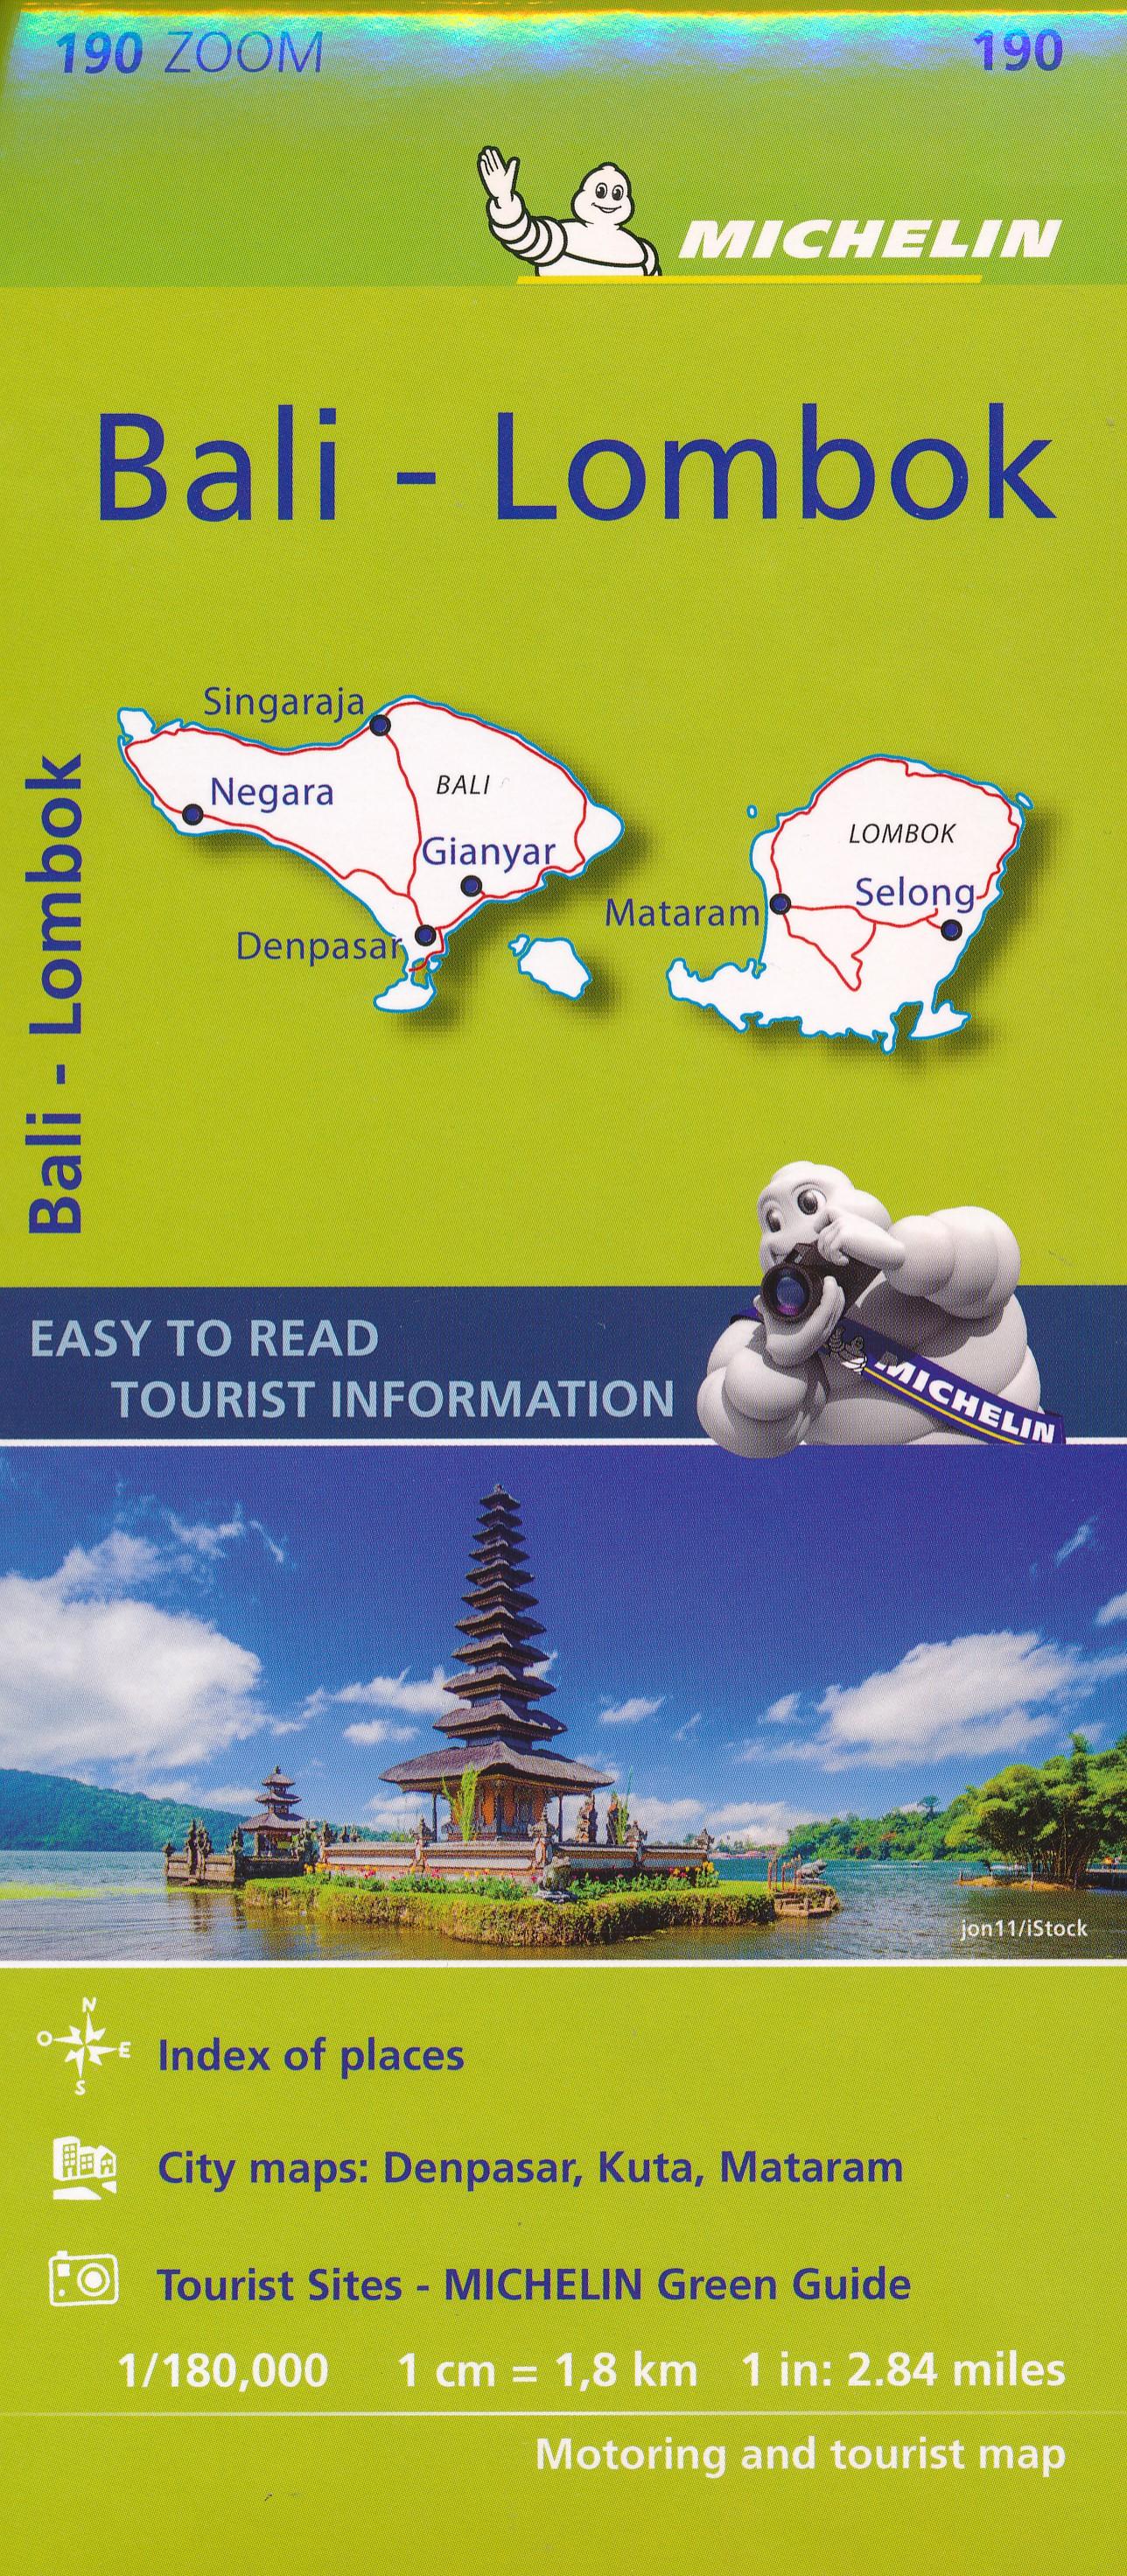 Wegenkaart - landkaart 190 zoom Bali - Lombok | Michelin